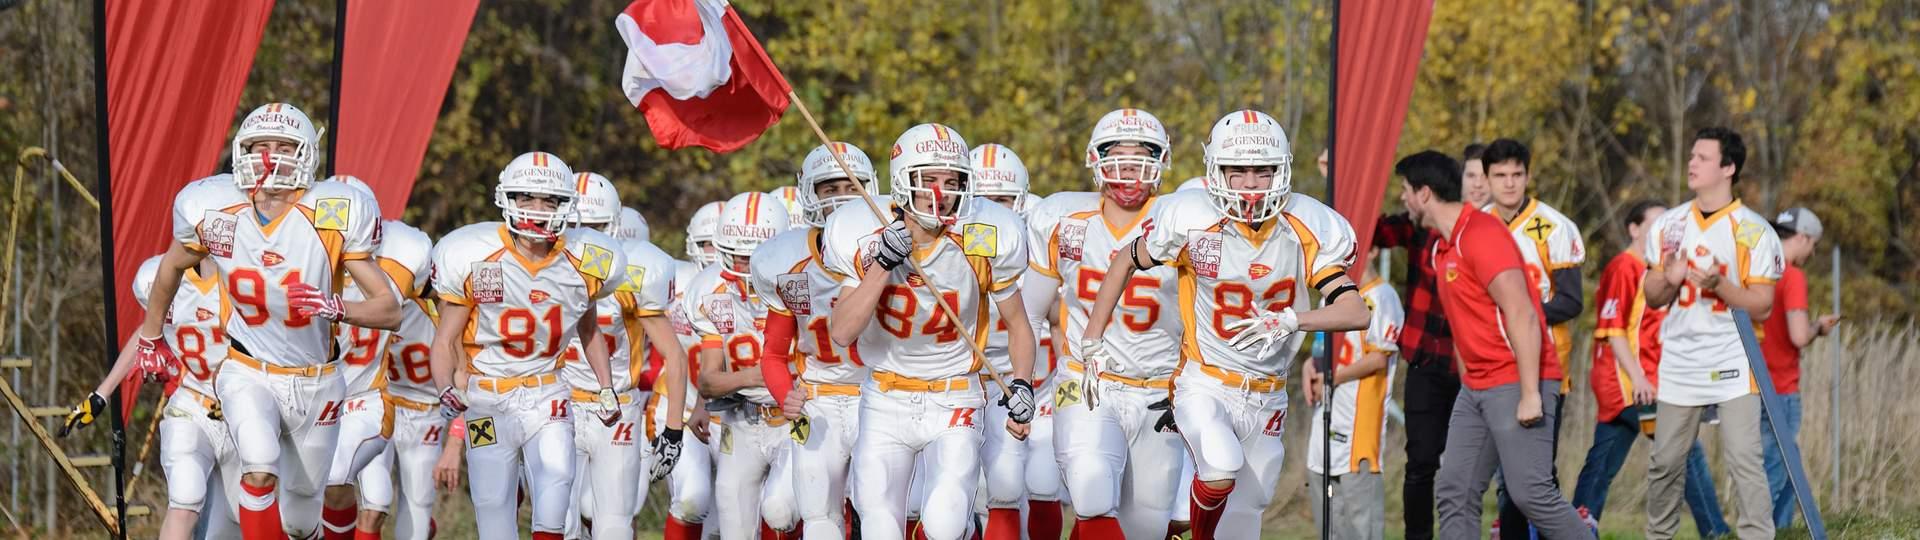 St. Pölten Invaders American Football Nachwuchs Gameday